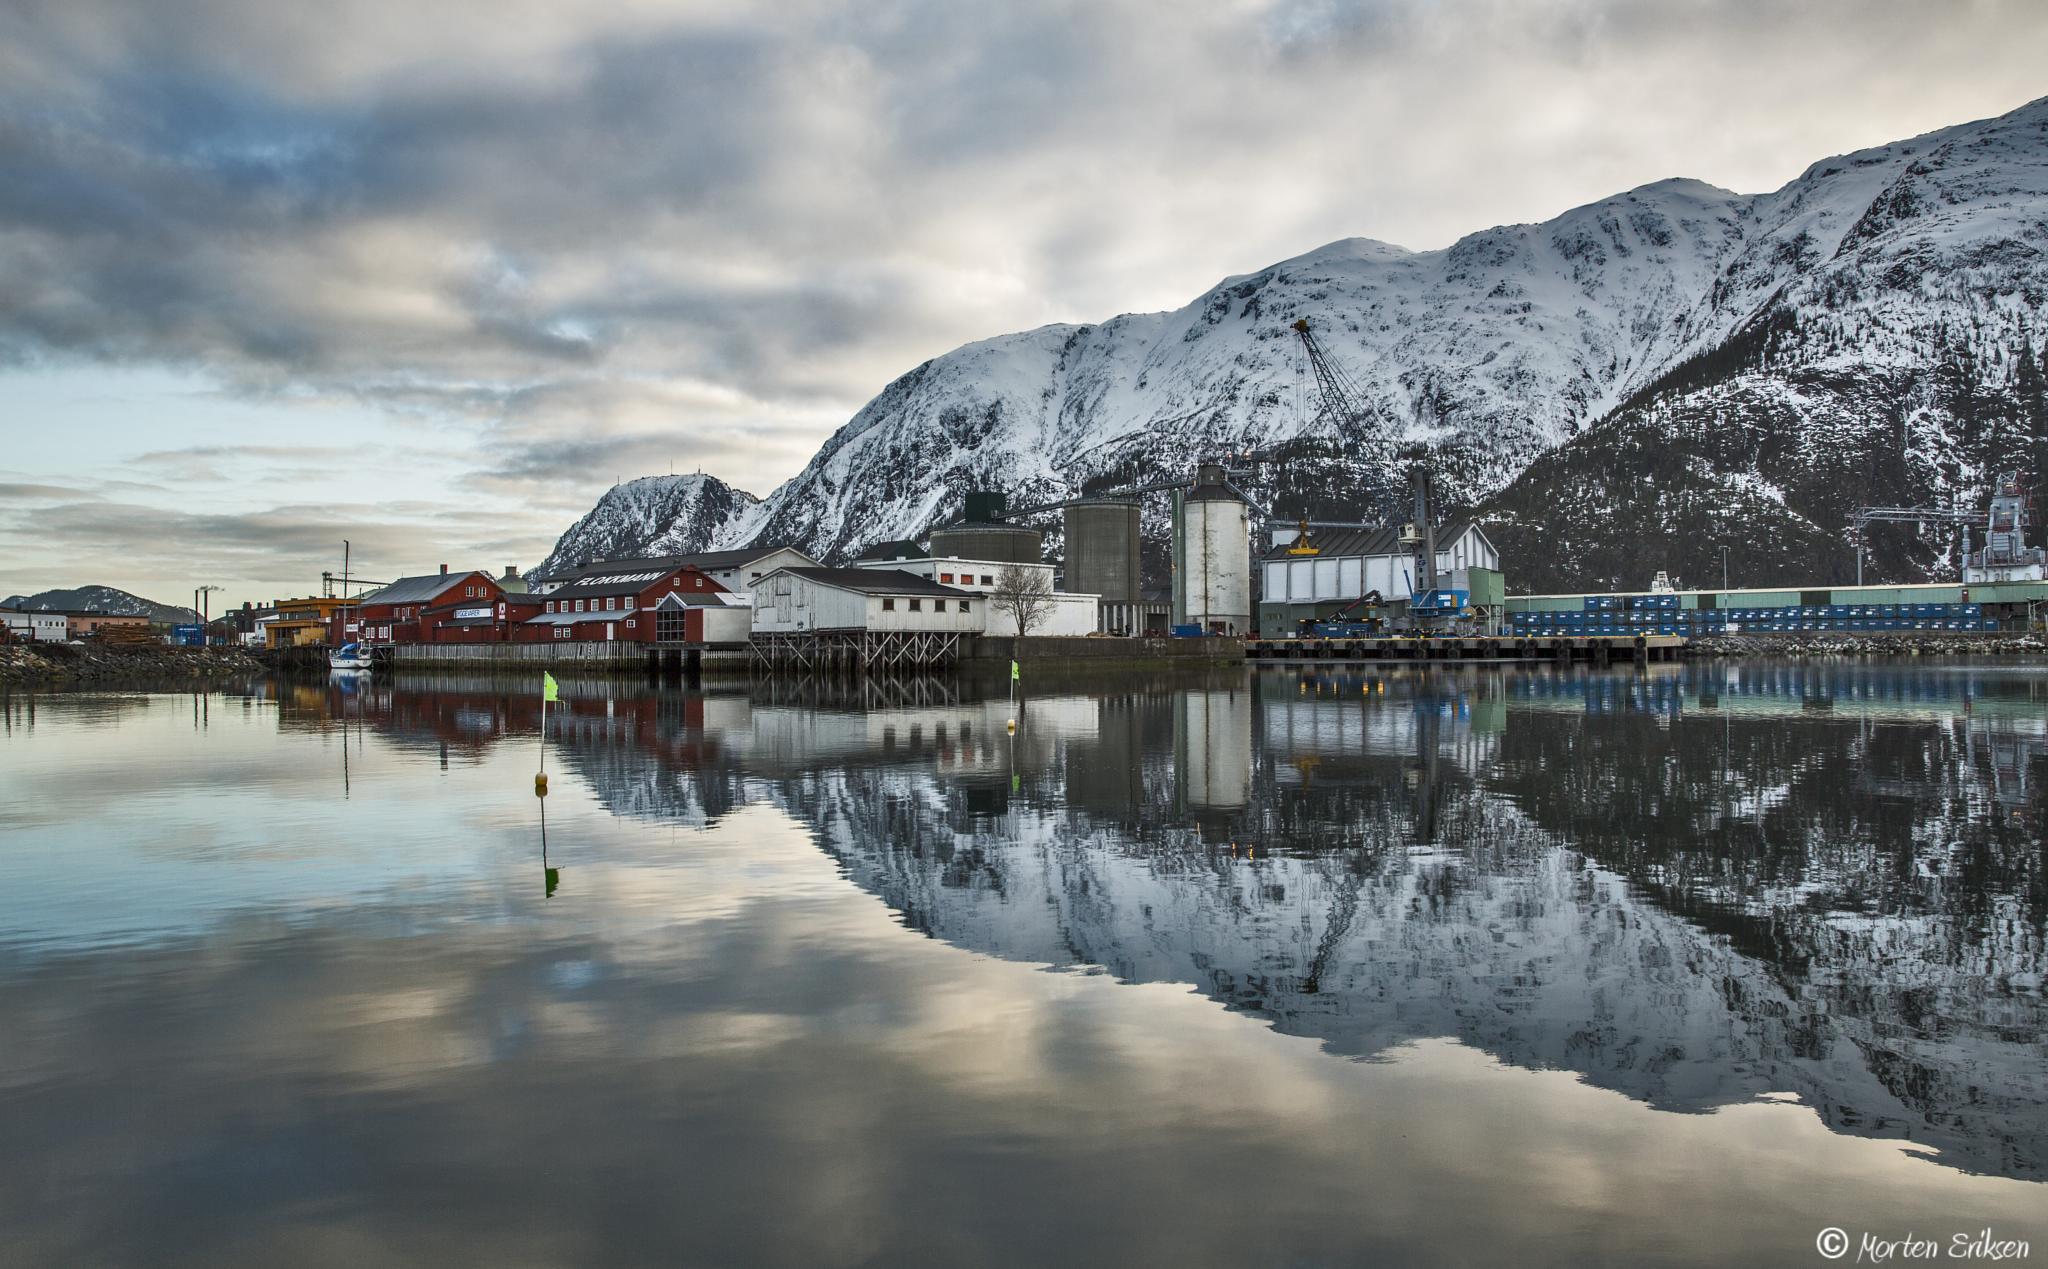 Untitled by Morten Eriksen